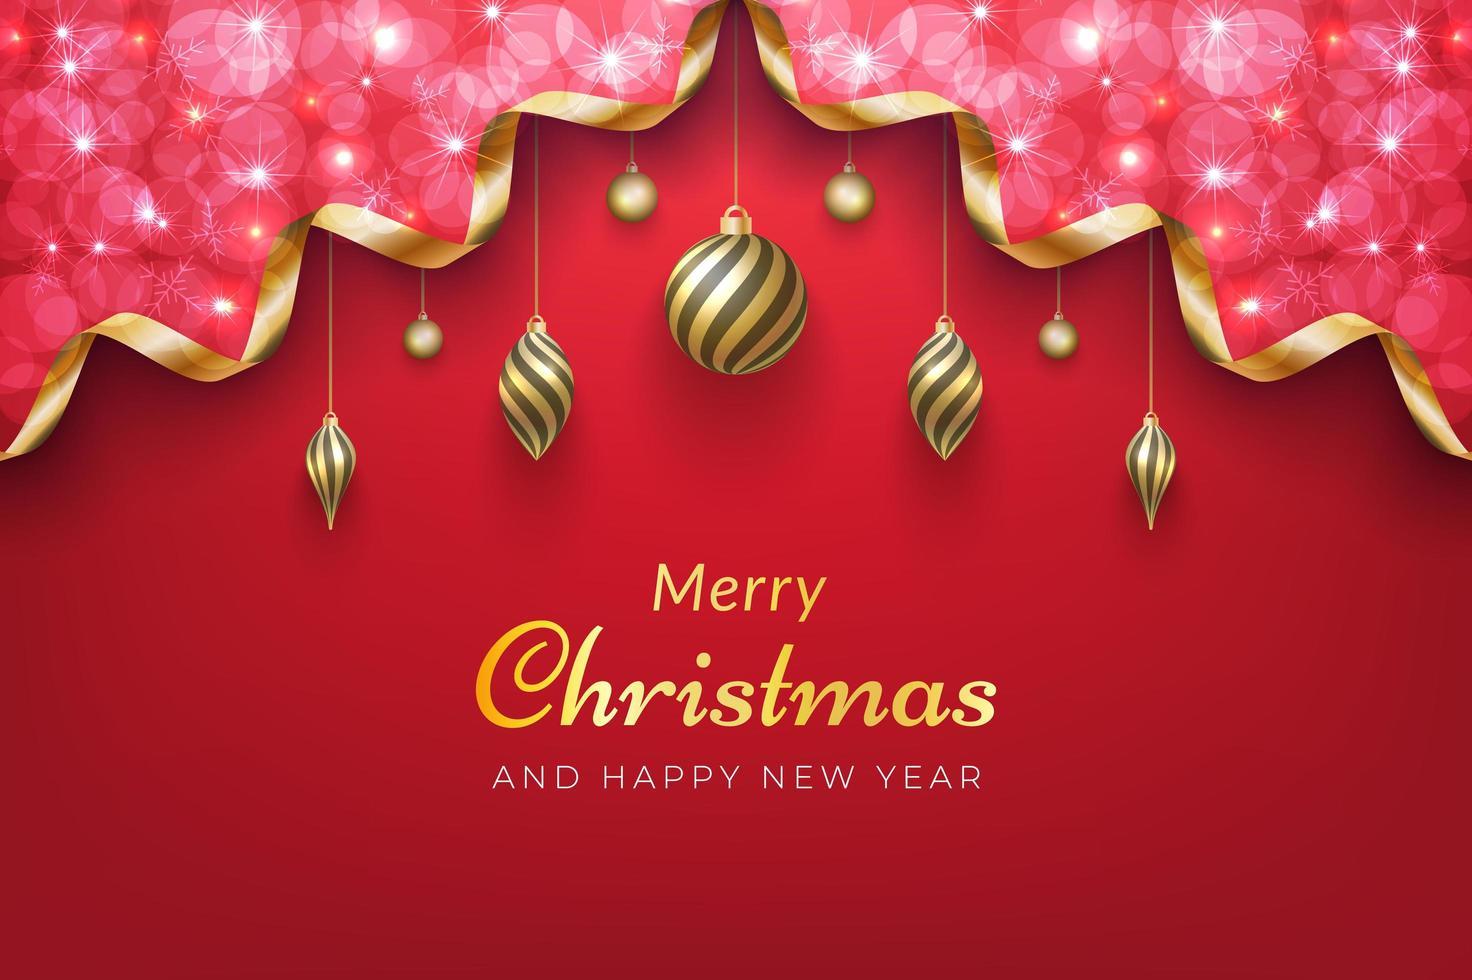 sfondo di Natale con scintillante nastro d'oro e ornamenti vettore